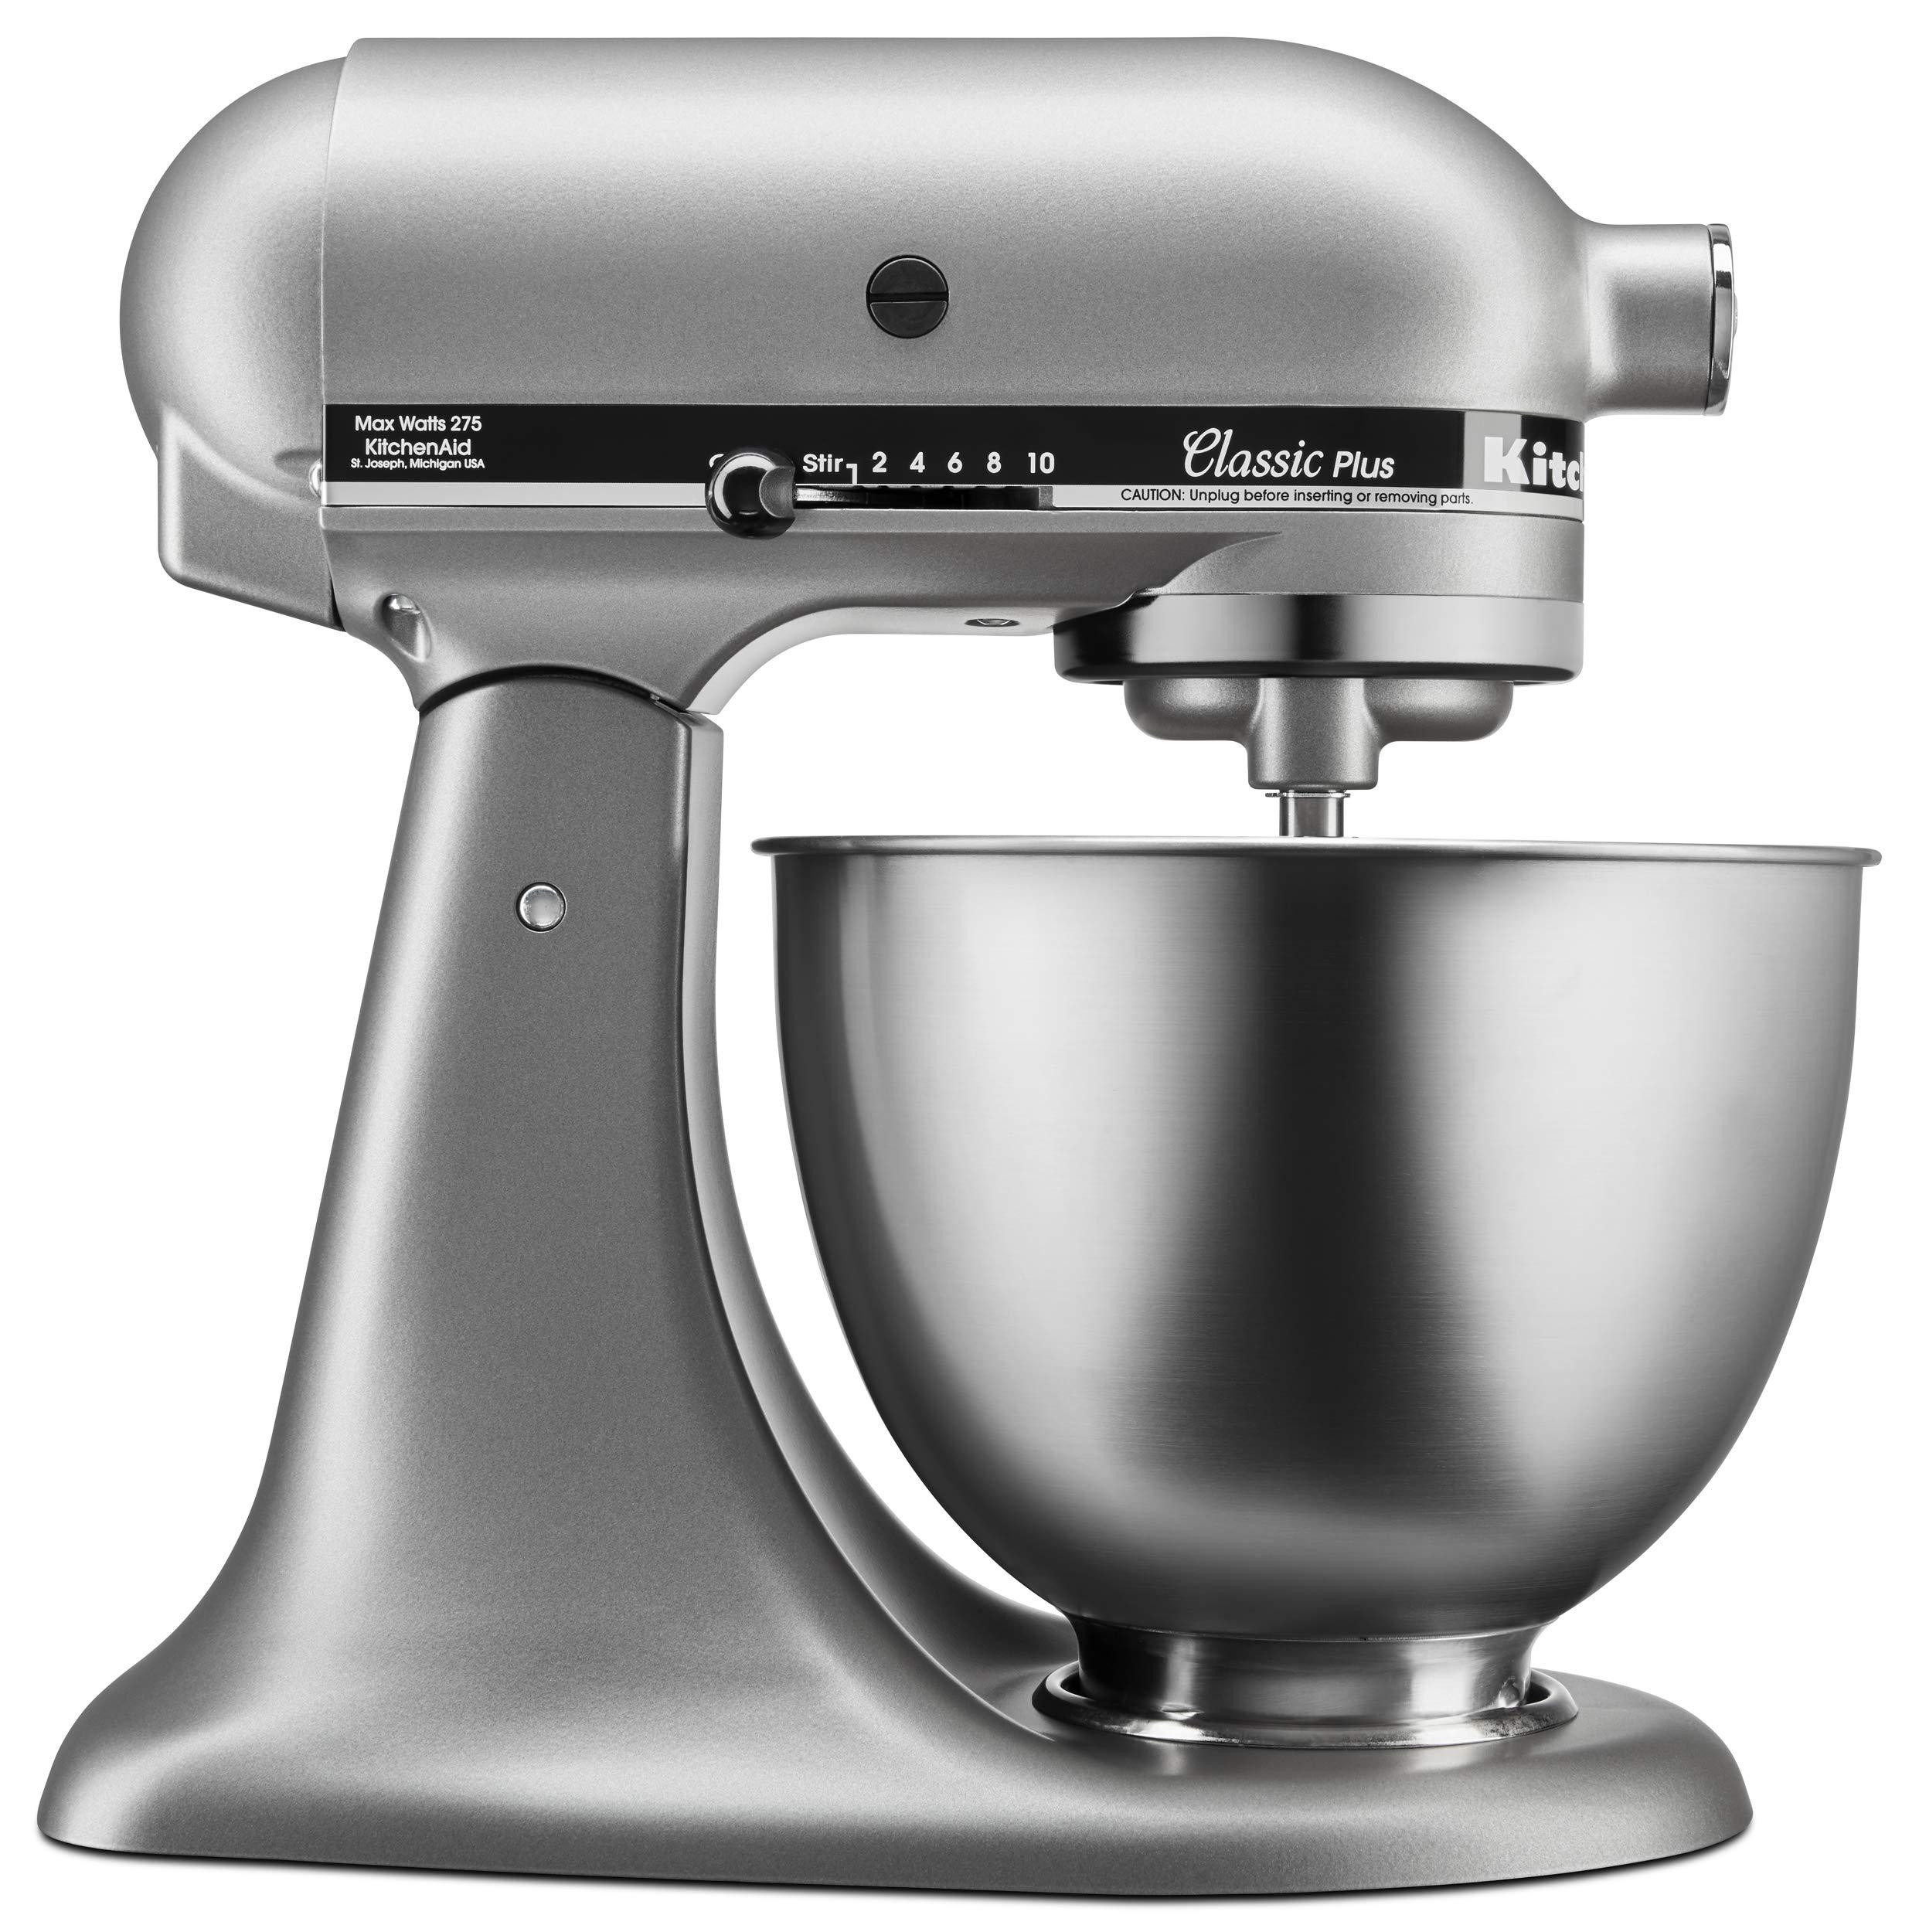 KitchenAid KSM75SL Classic Plus 4.5-Qt. Tilt-Head Stand Mixer, Silver by KitchenAid